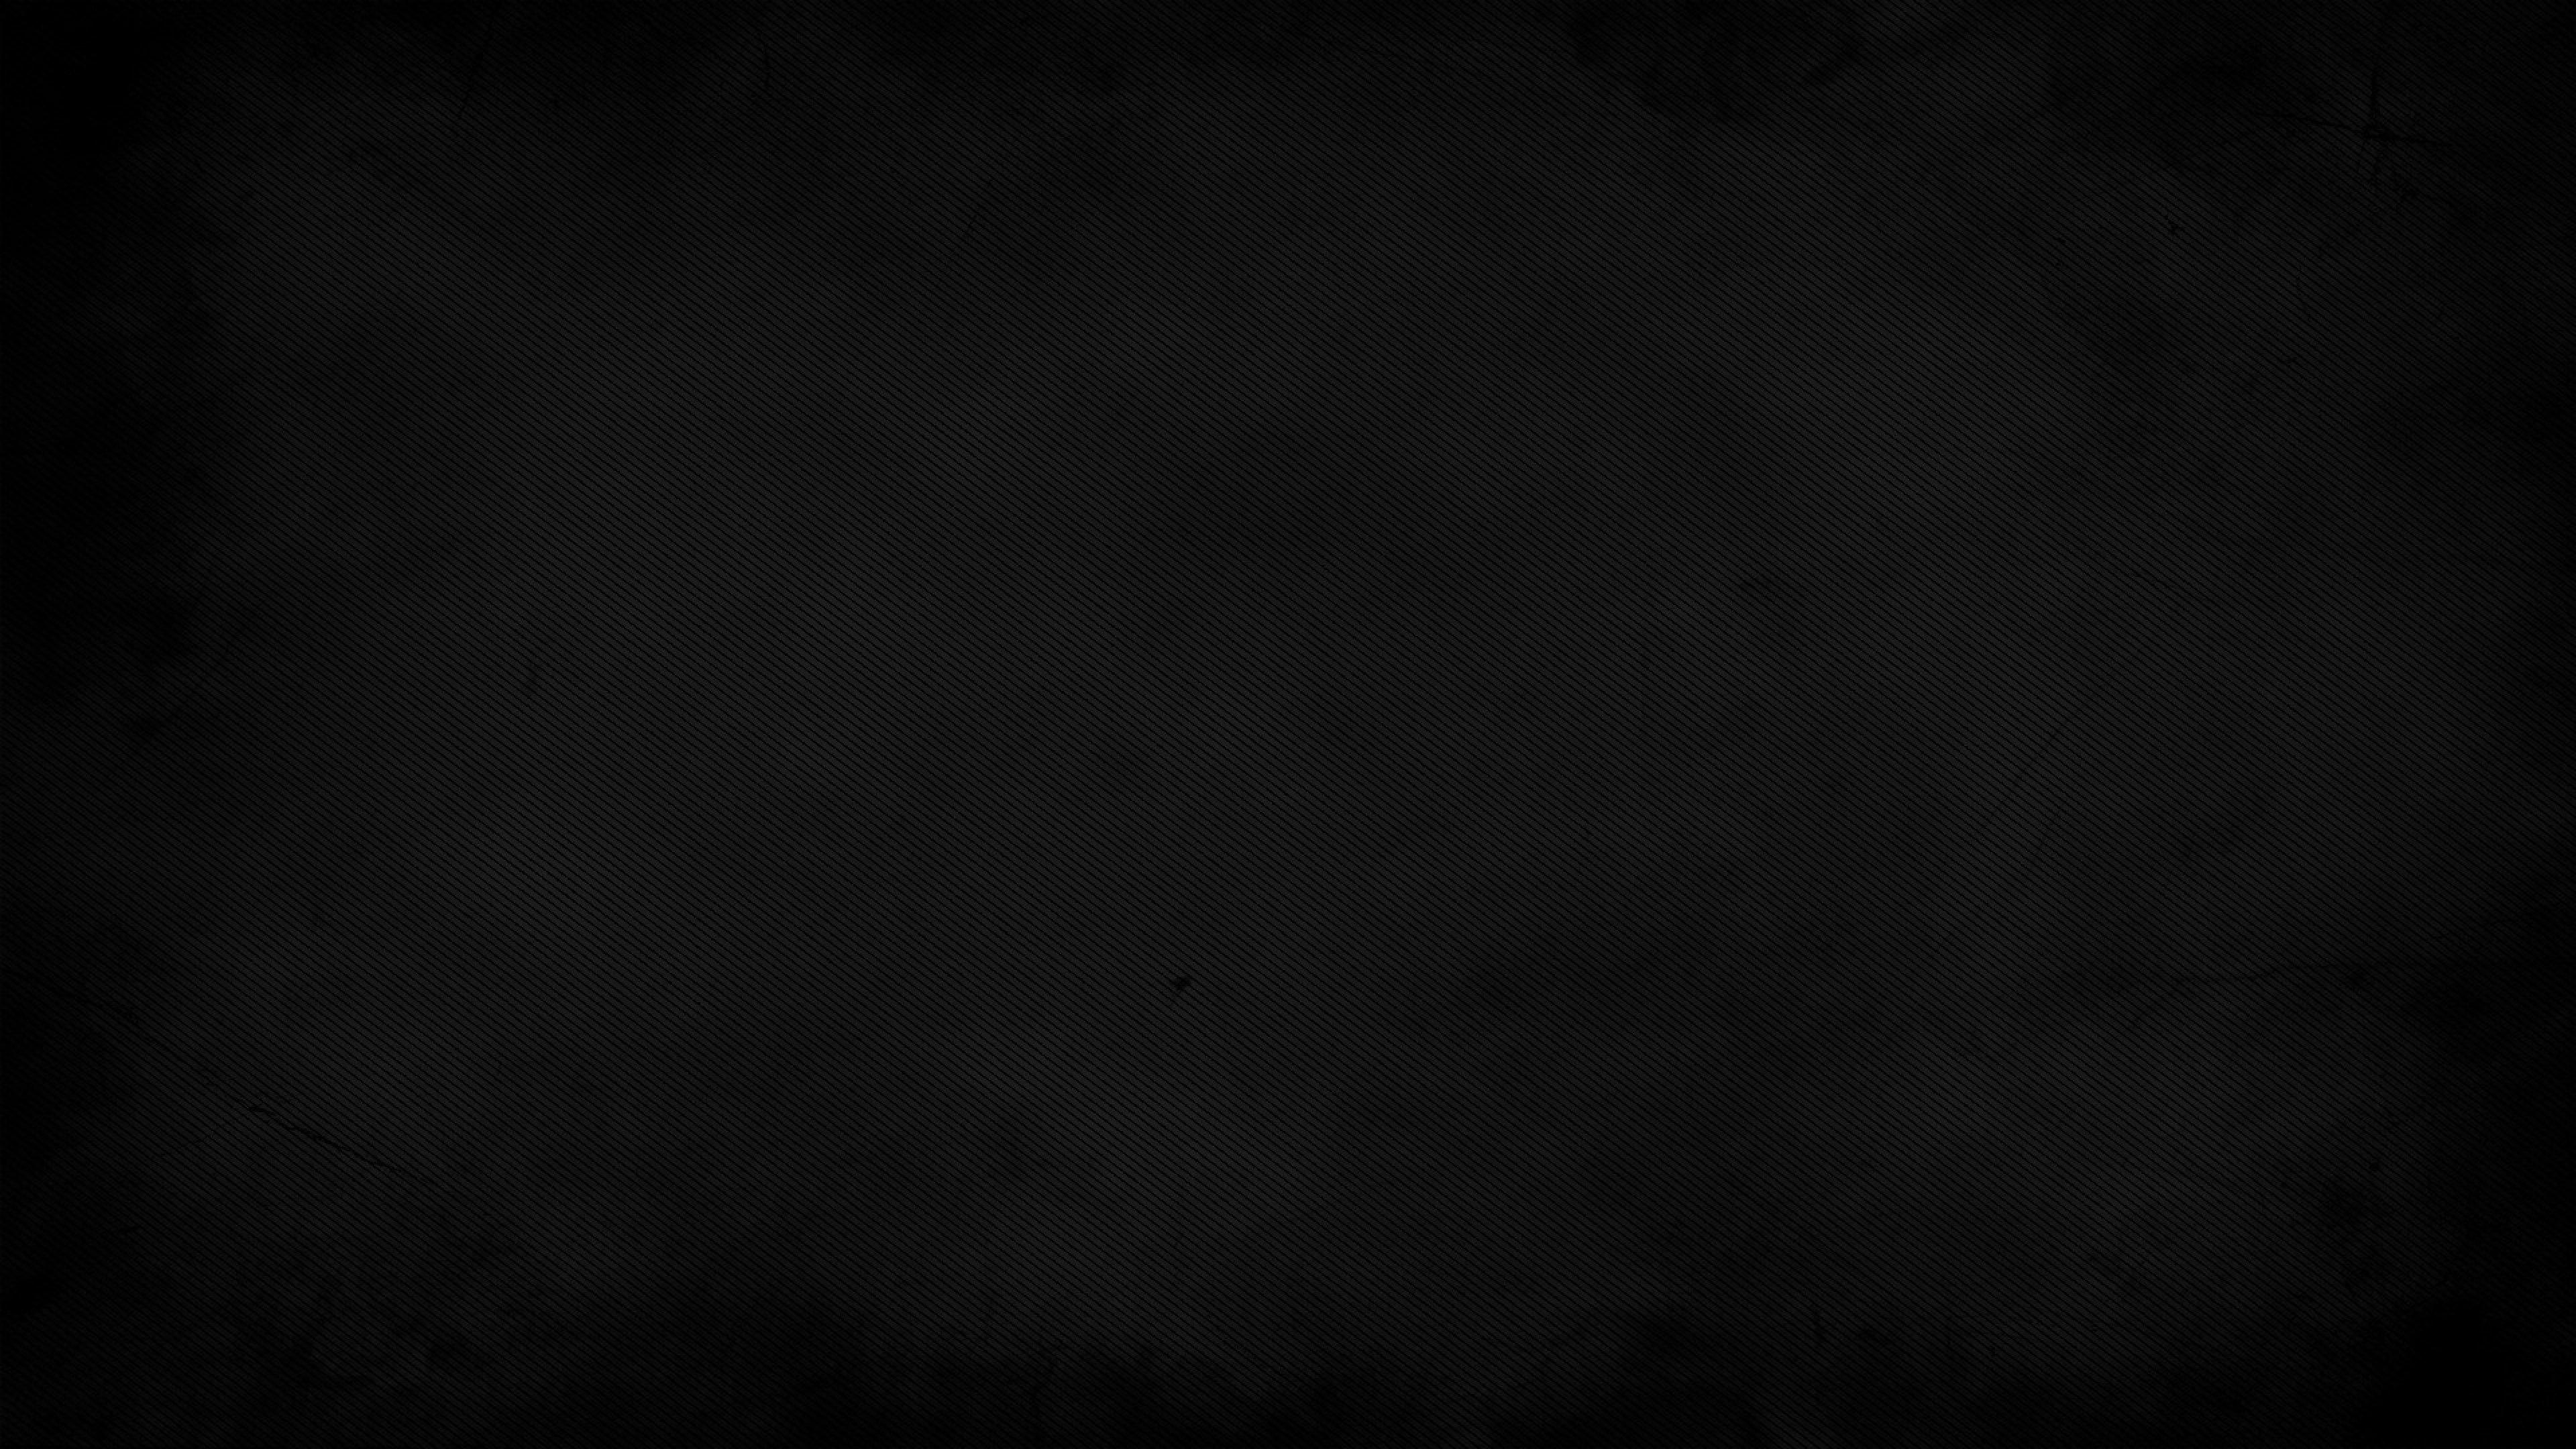 Black Wallpaper 4K - WallpaperSafari